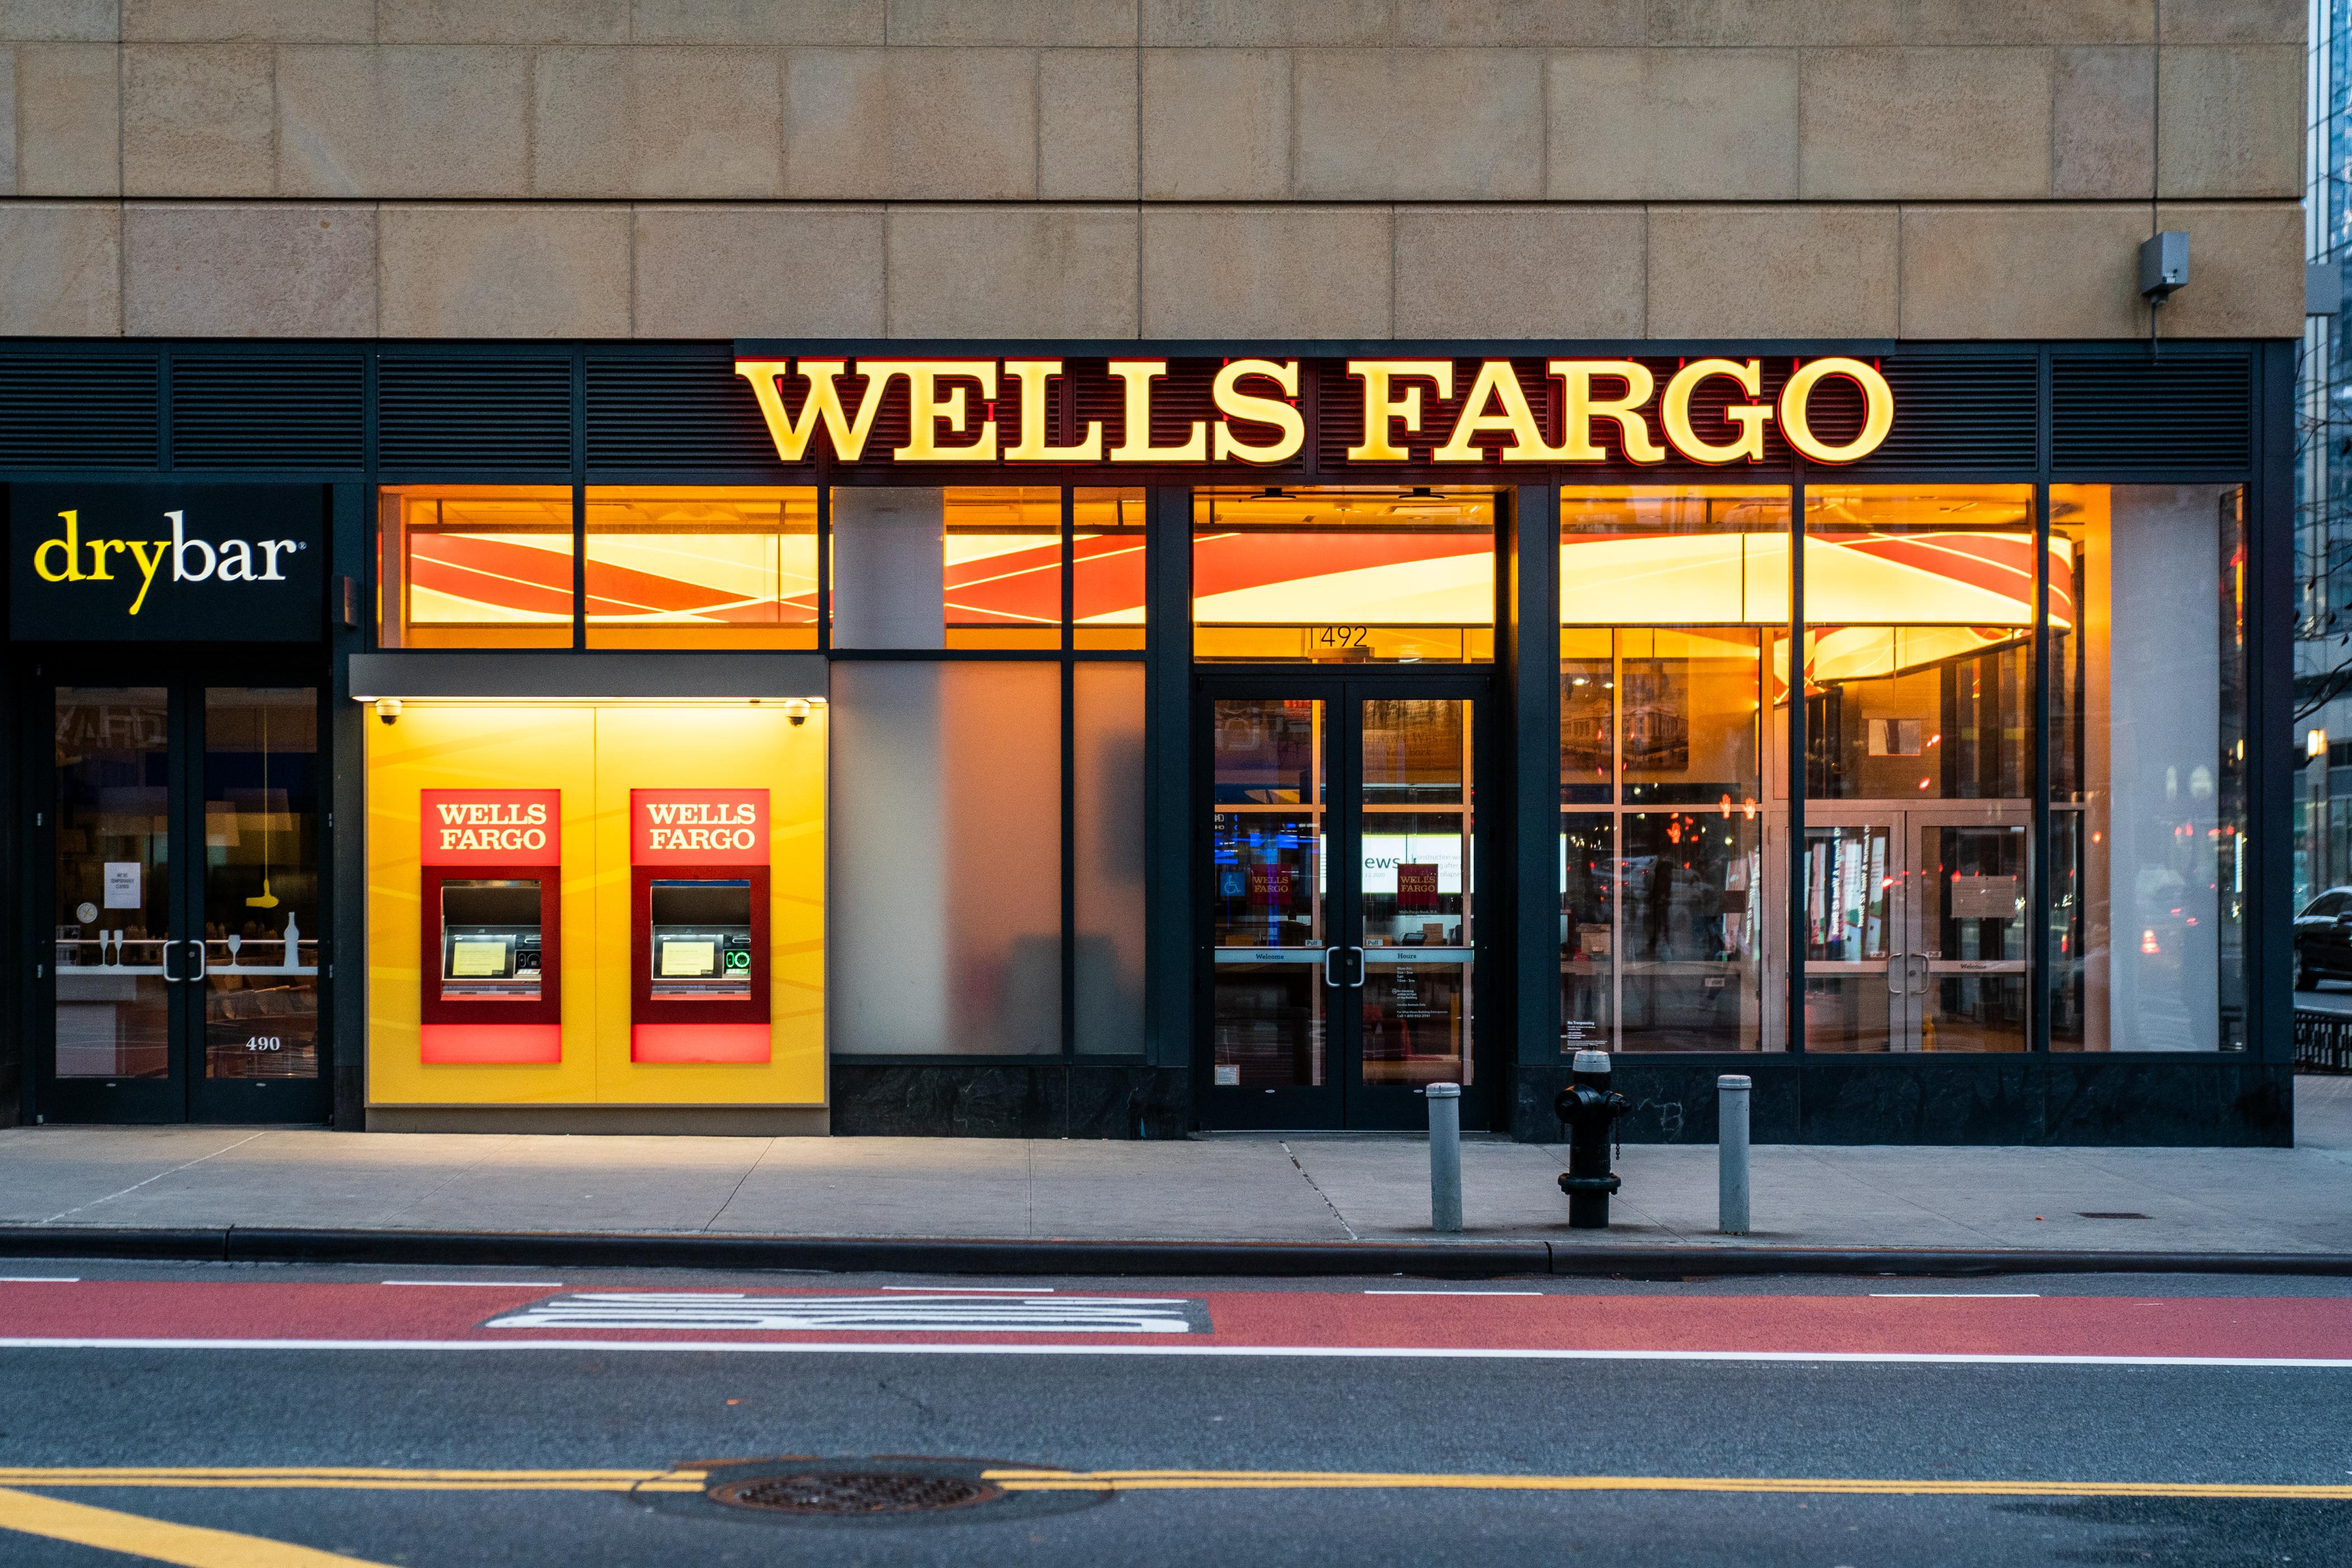 Wells Fargo Bank branch is seen in New York City, U.S., March 17, 2020. REUTERS/Jeenah Moon